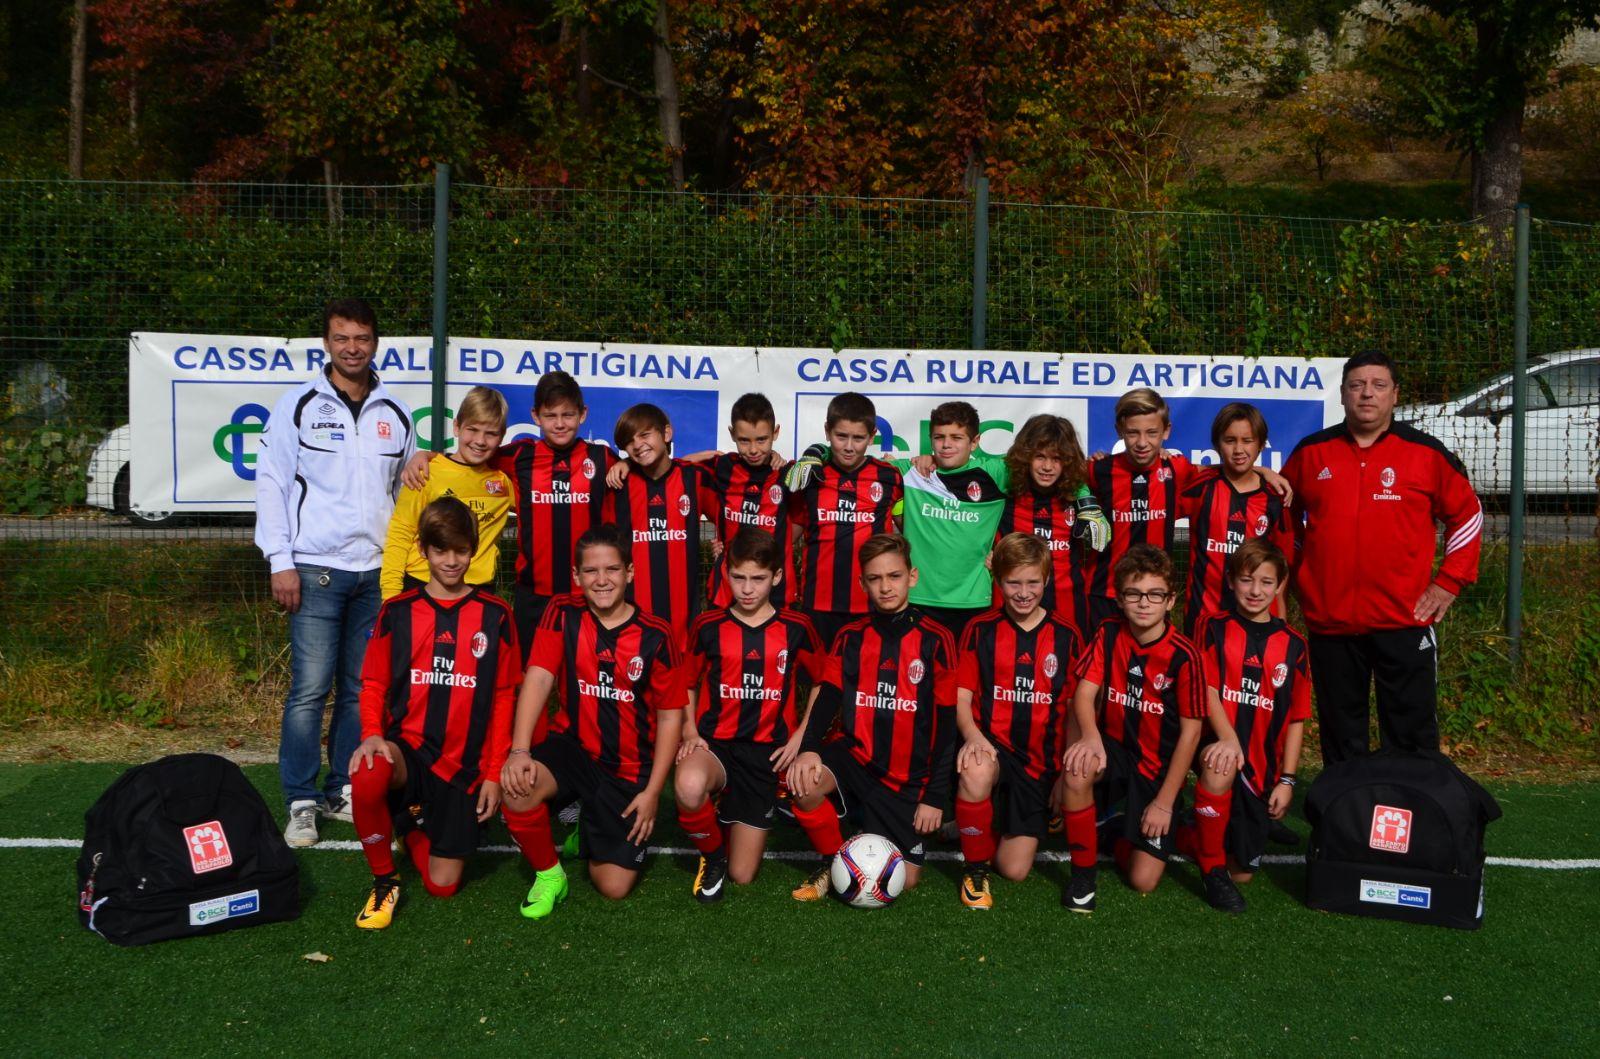 ESORDIENTI 2006 - Rossa